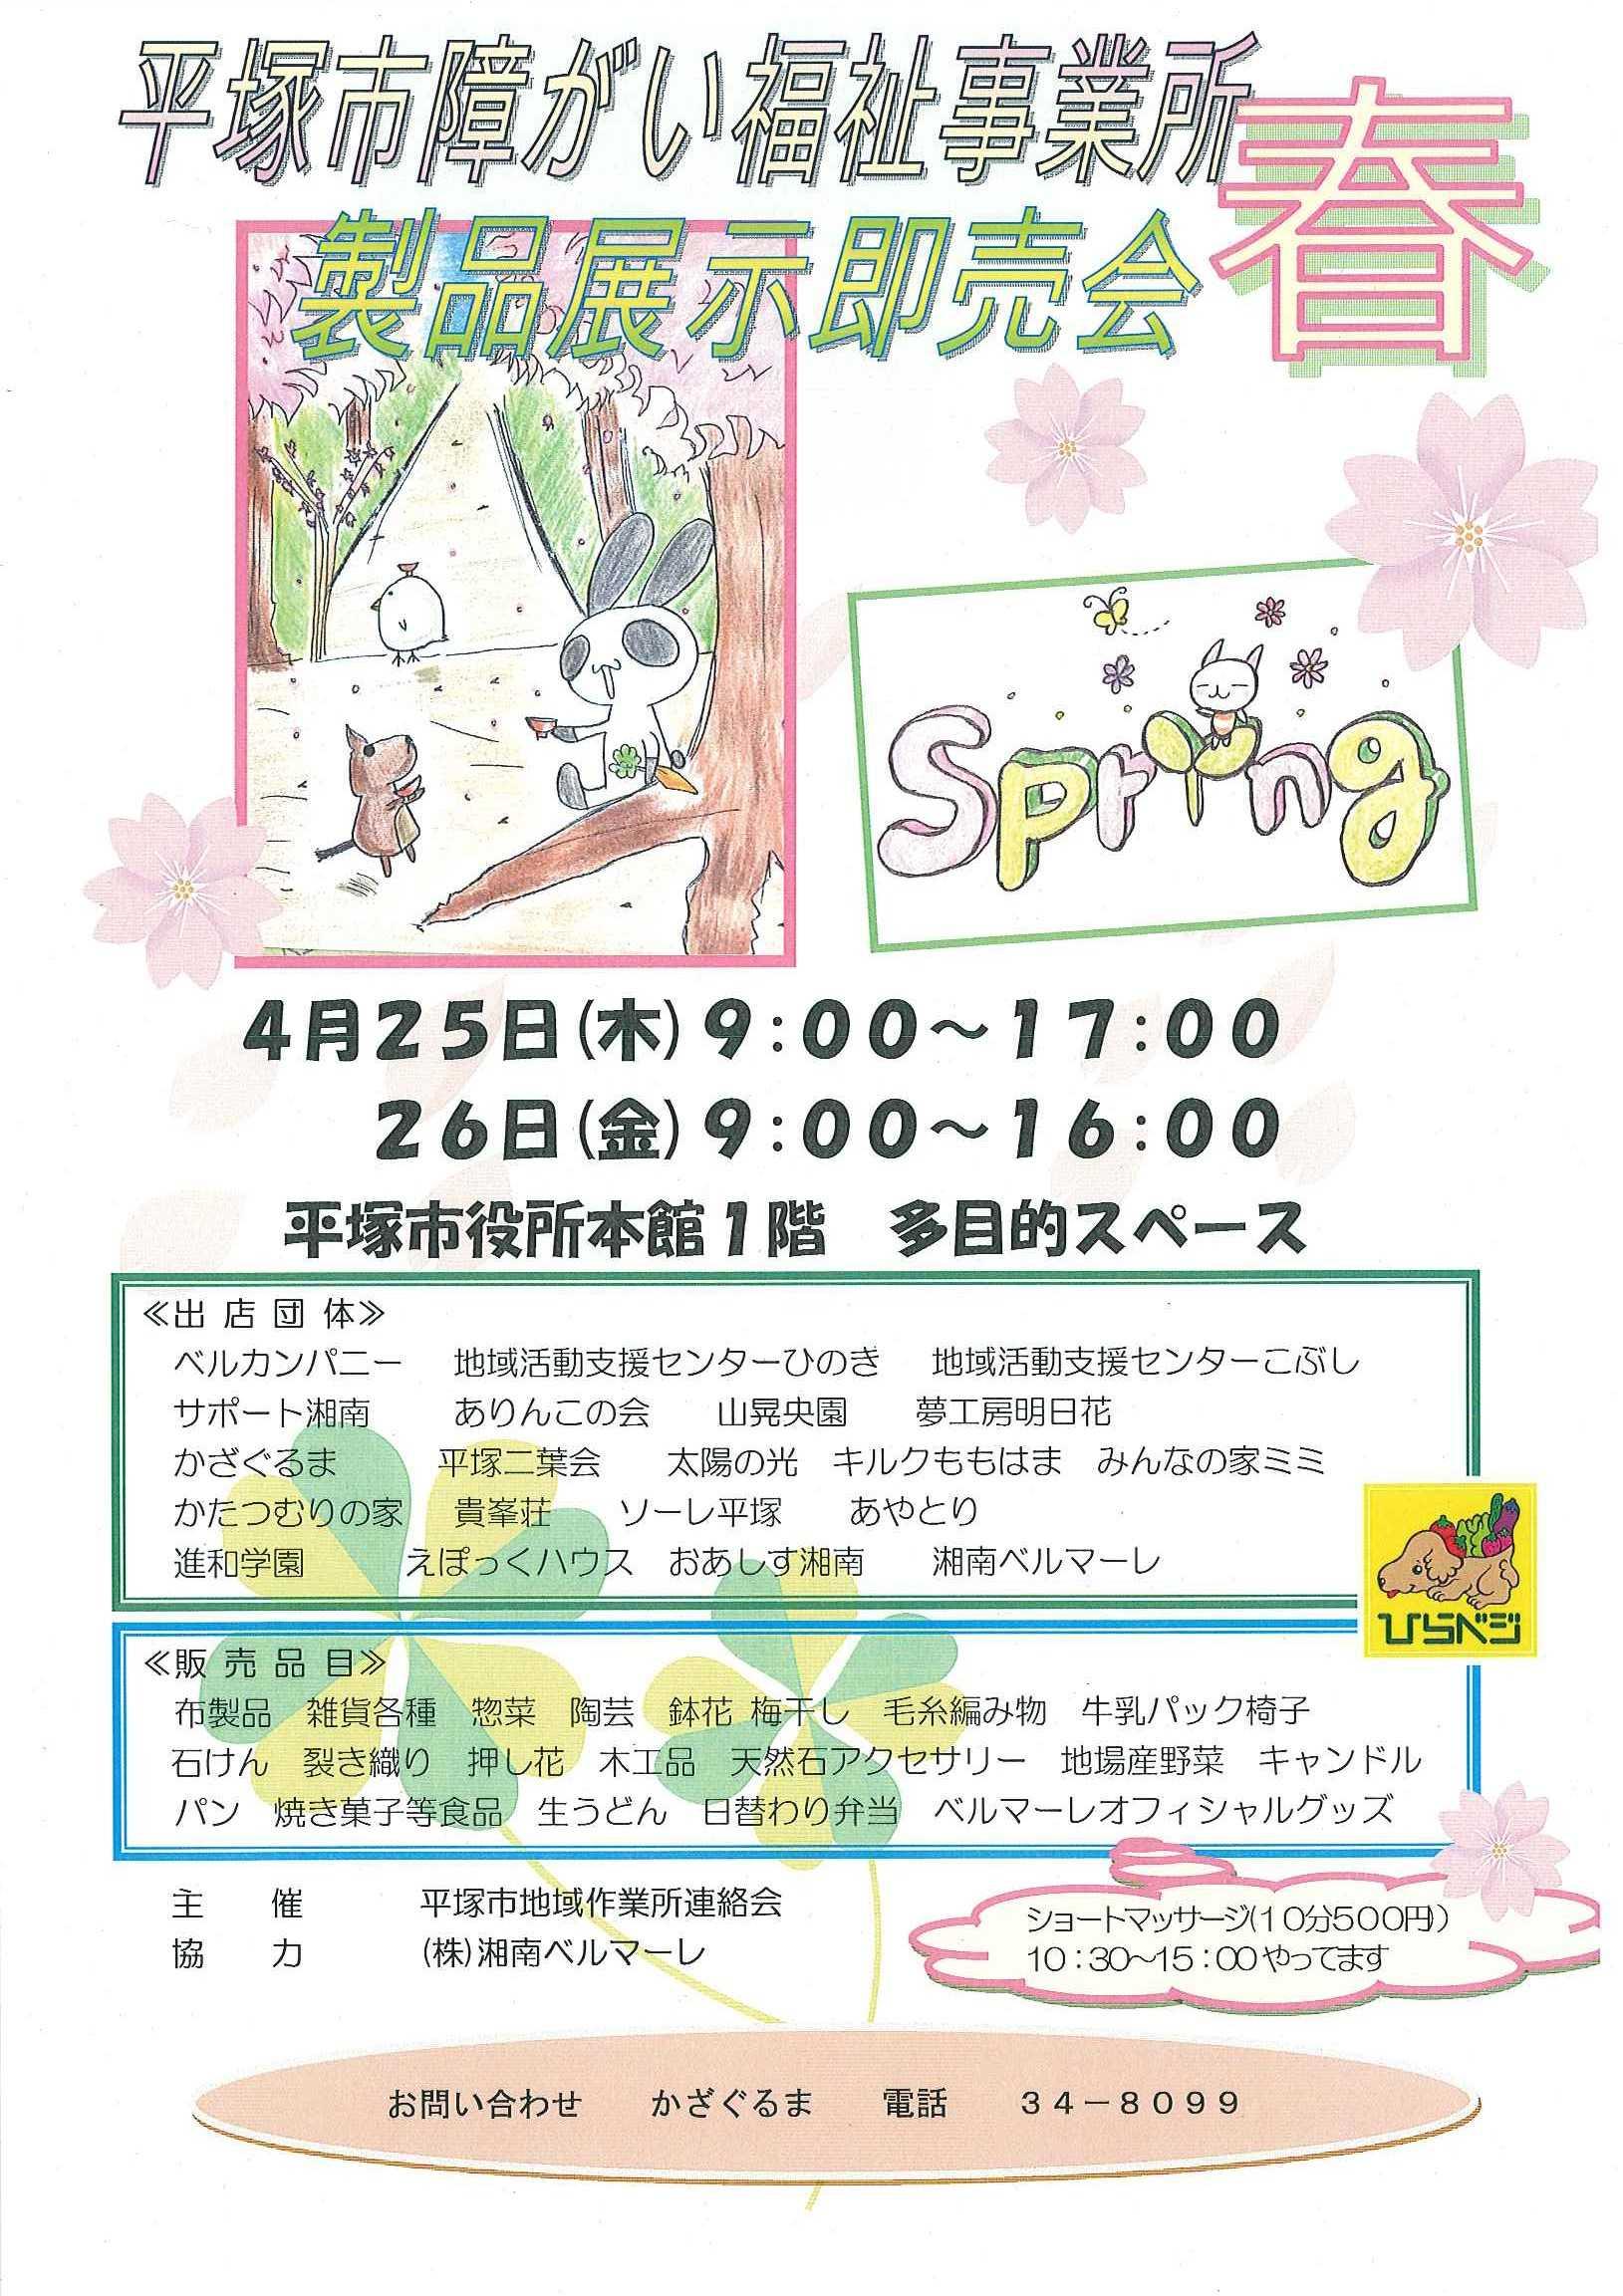 平塚市役所「春の展示即売会」のお知らせ